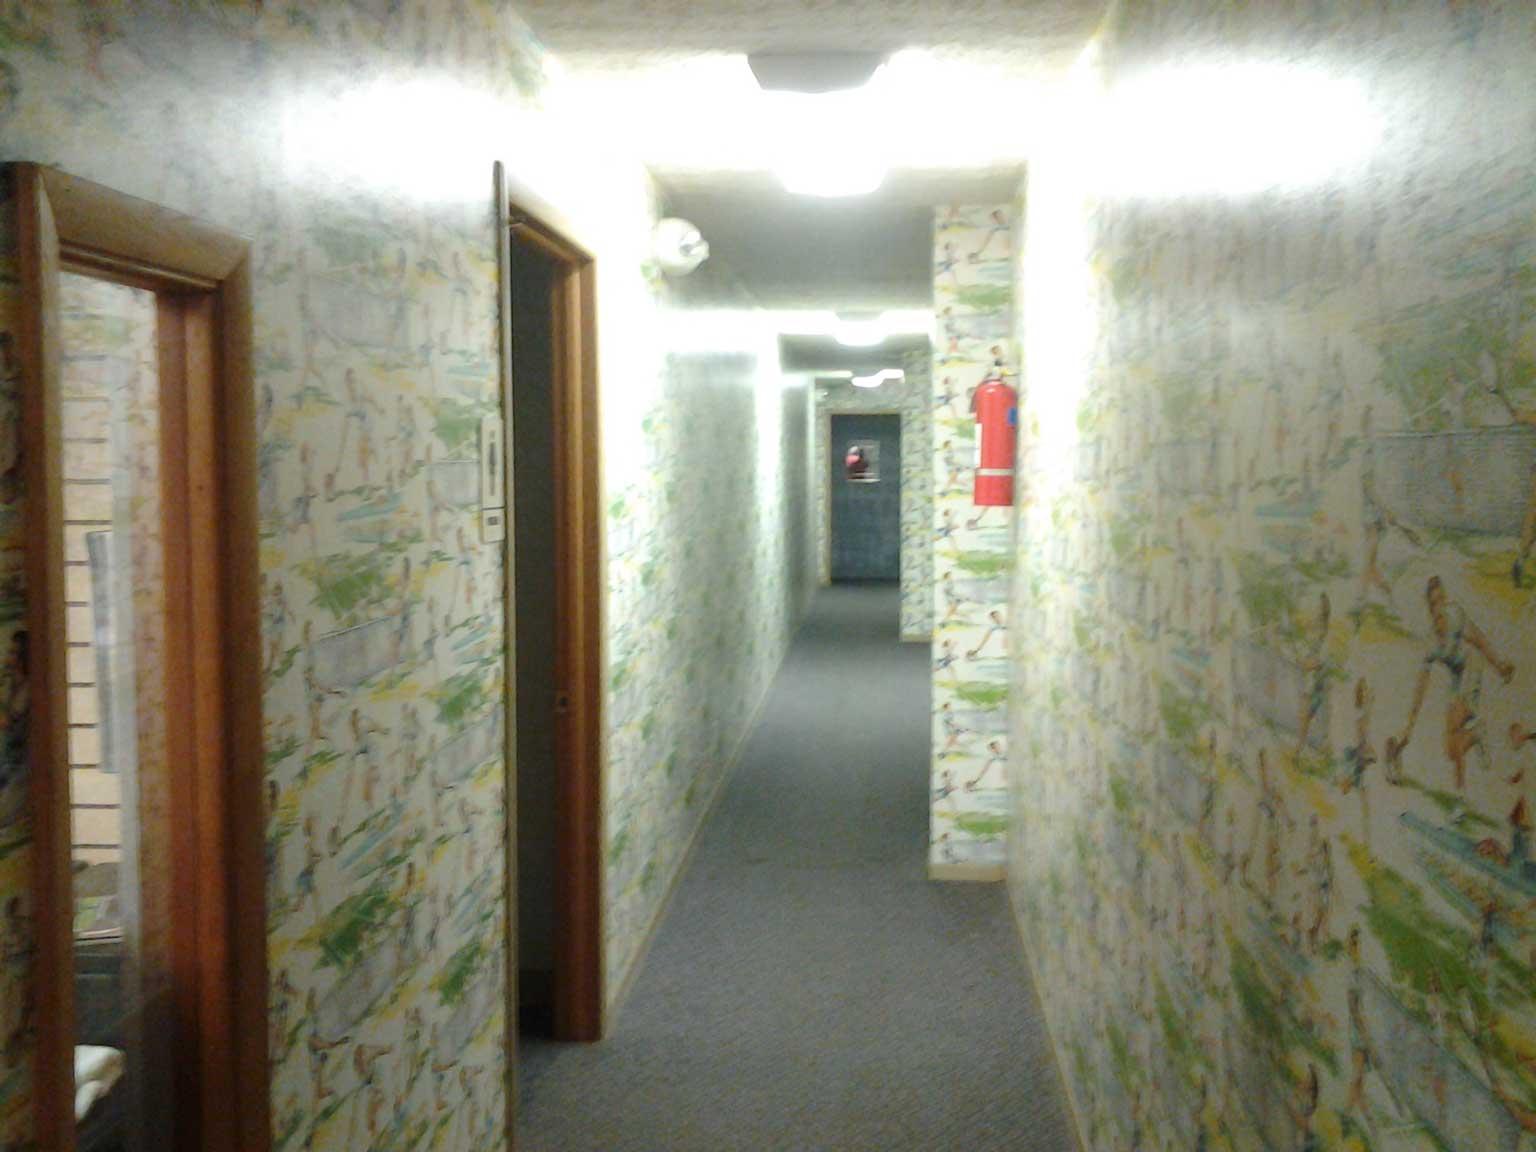 rec-center-wallpaper-wall-before